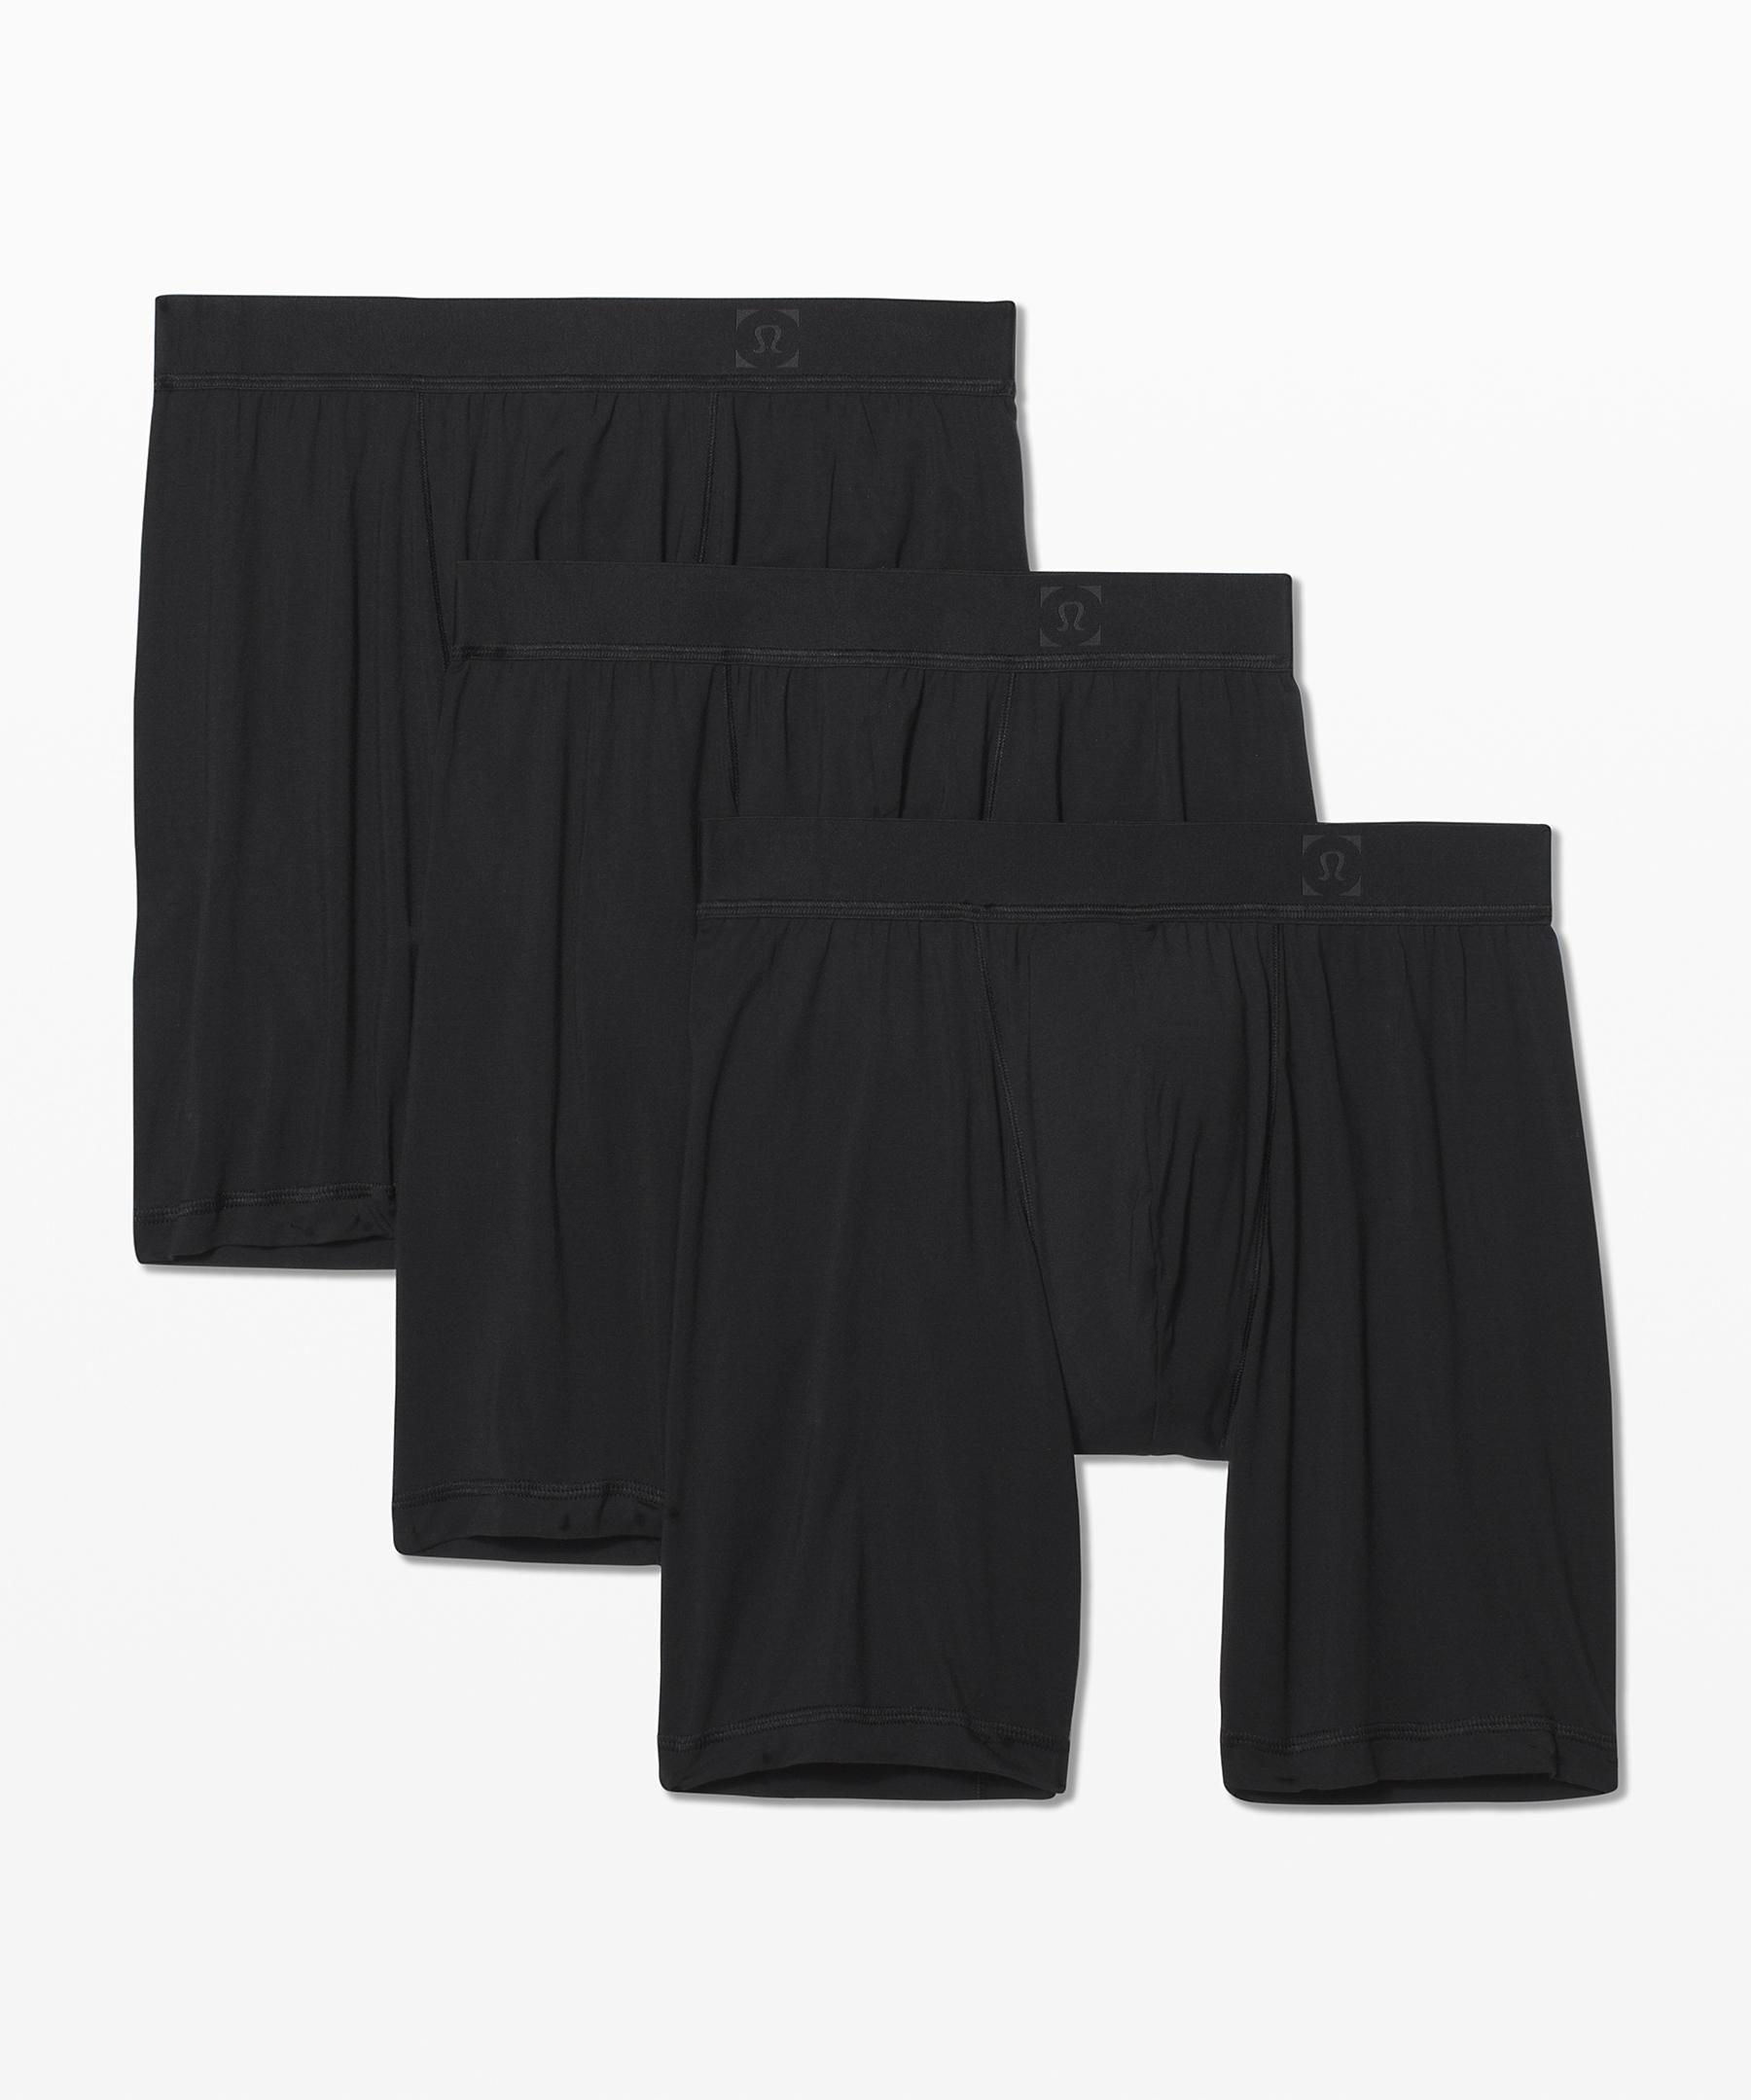 best mens underwear - lululemon athletic boxers